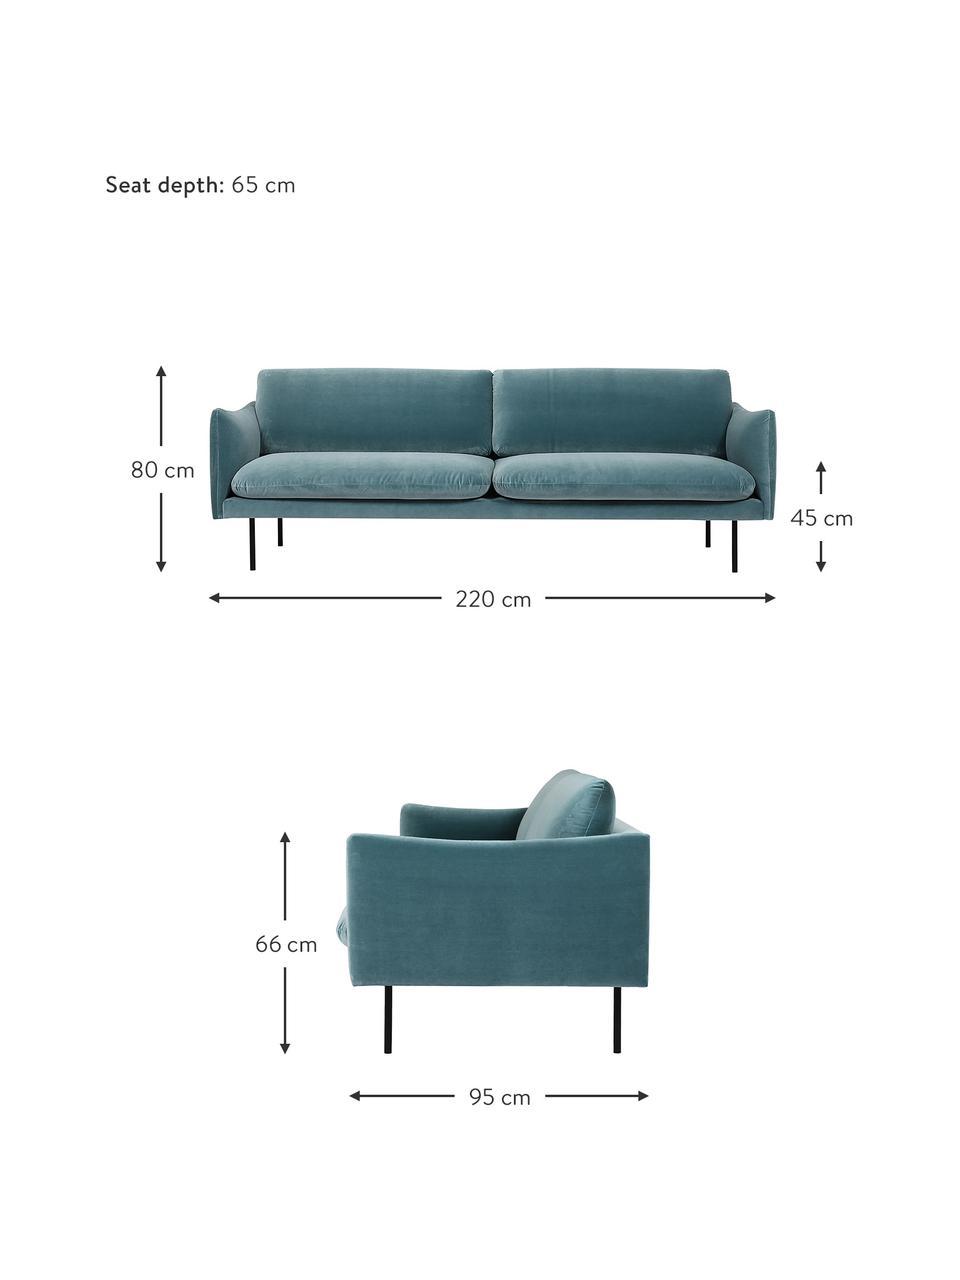 Fluwelen bank Moby (3-zits) in turquoise met metalen poten, Bekleding: fluweel (hoogwaardig poly, Frame: massief grenenhout, Poten: gepoedercoat metaal, Fluweel turquoise, B 220 x D 95 cm